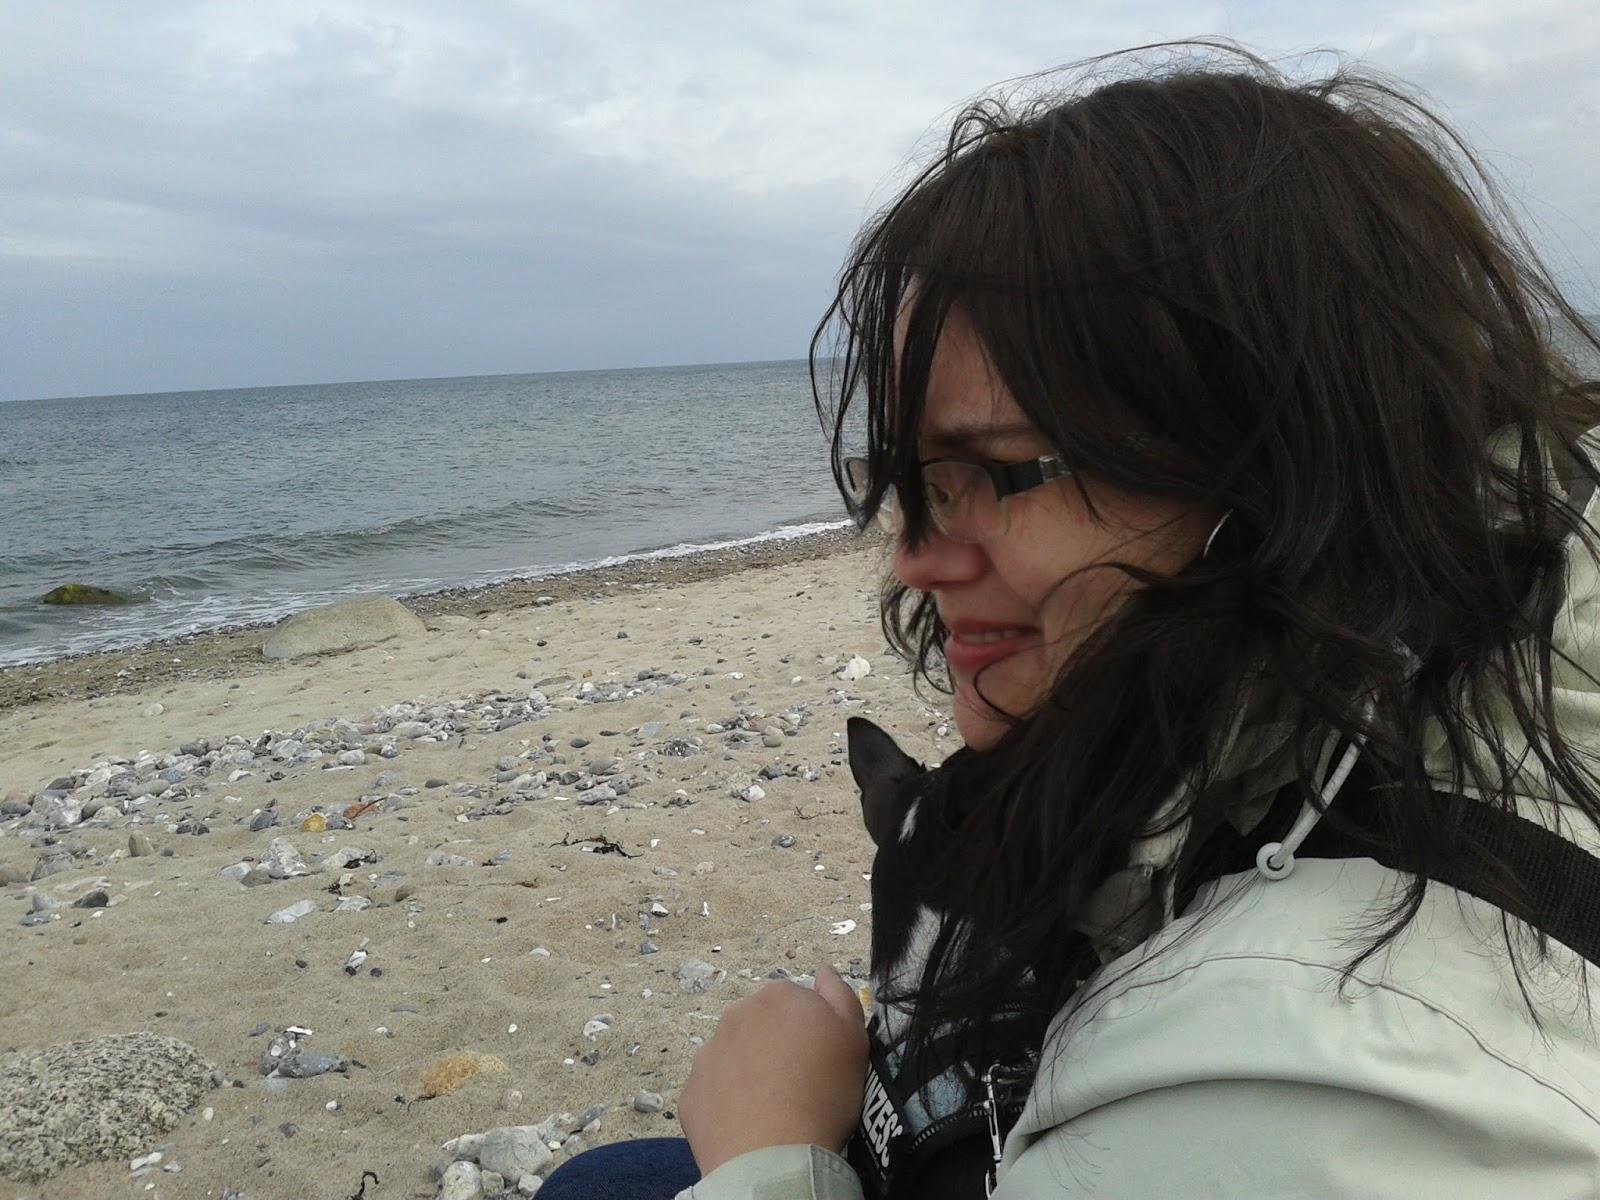 Die Bloggerin am Meer